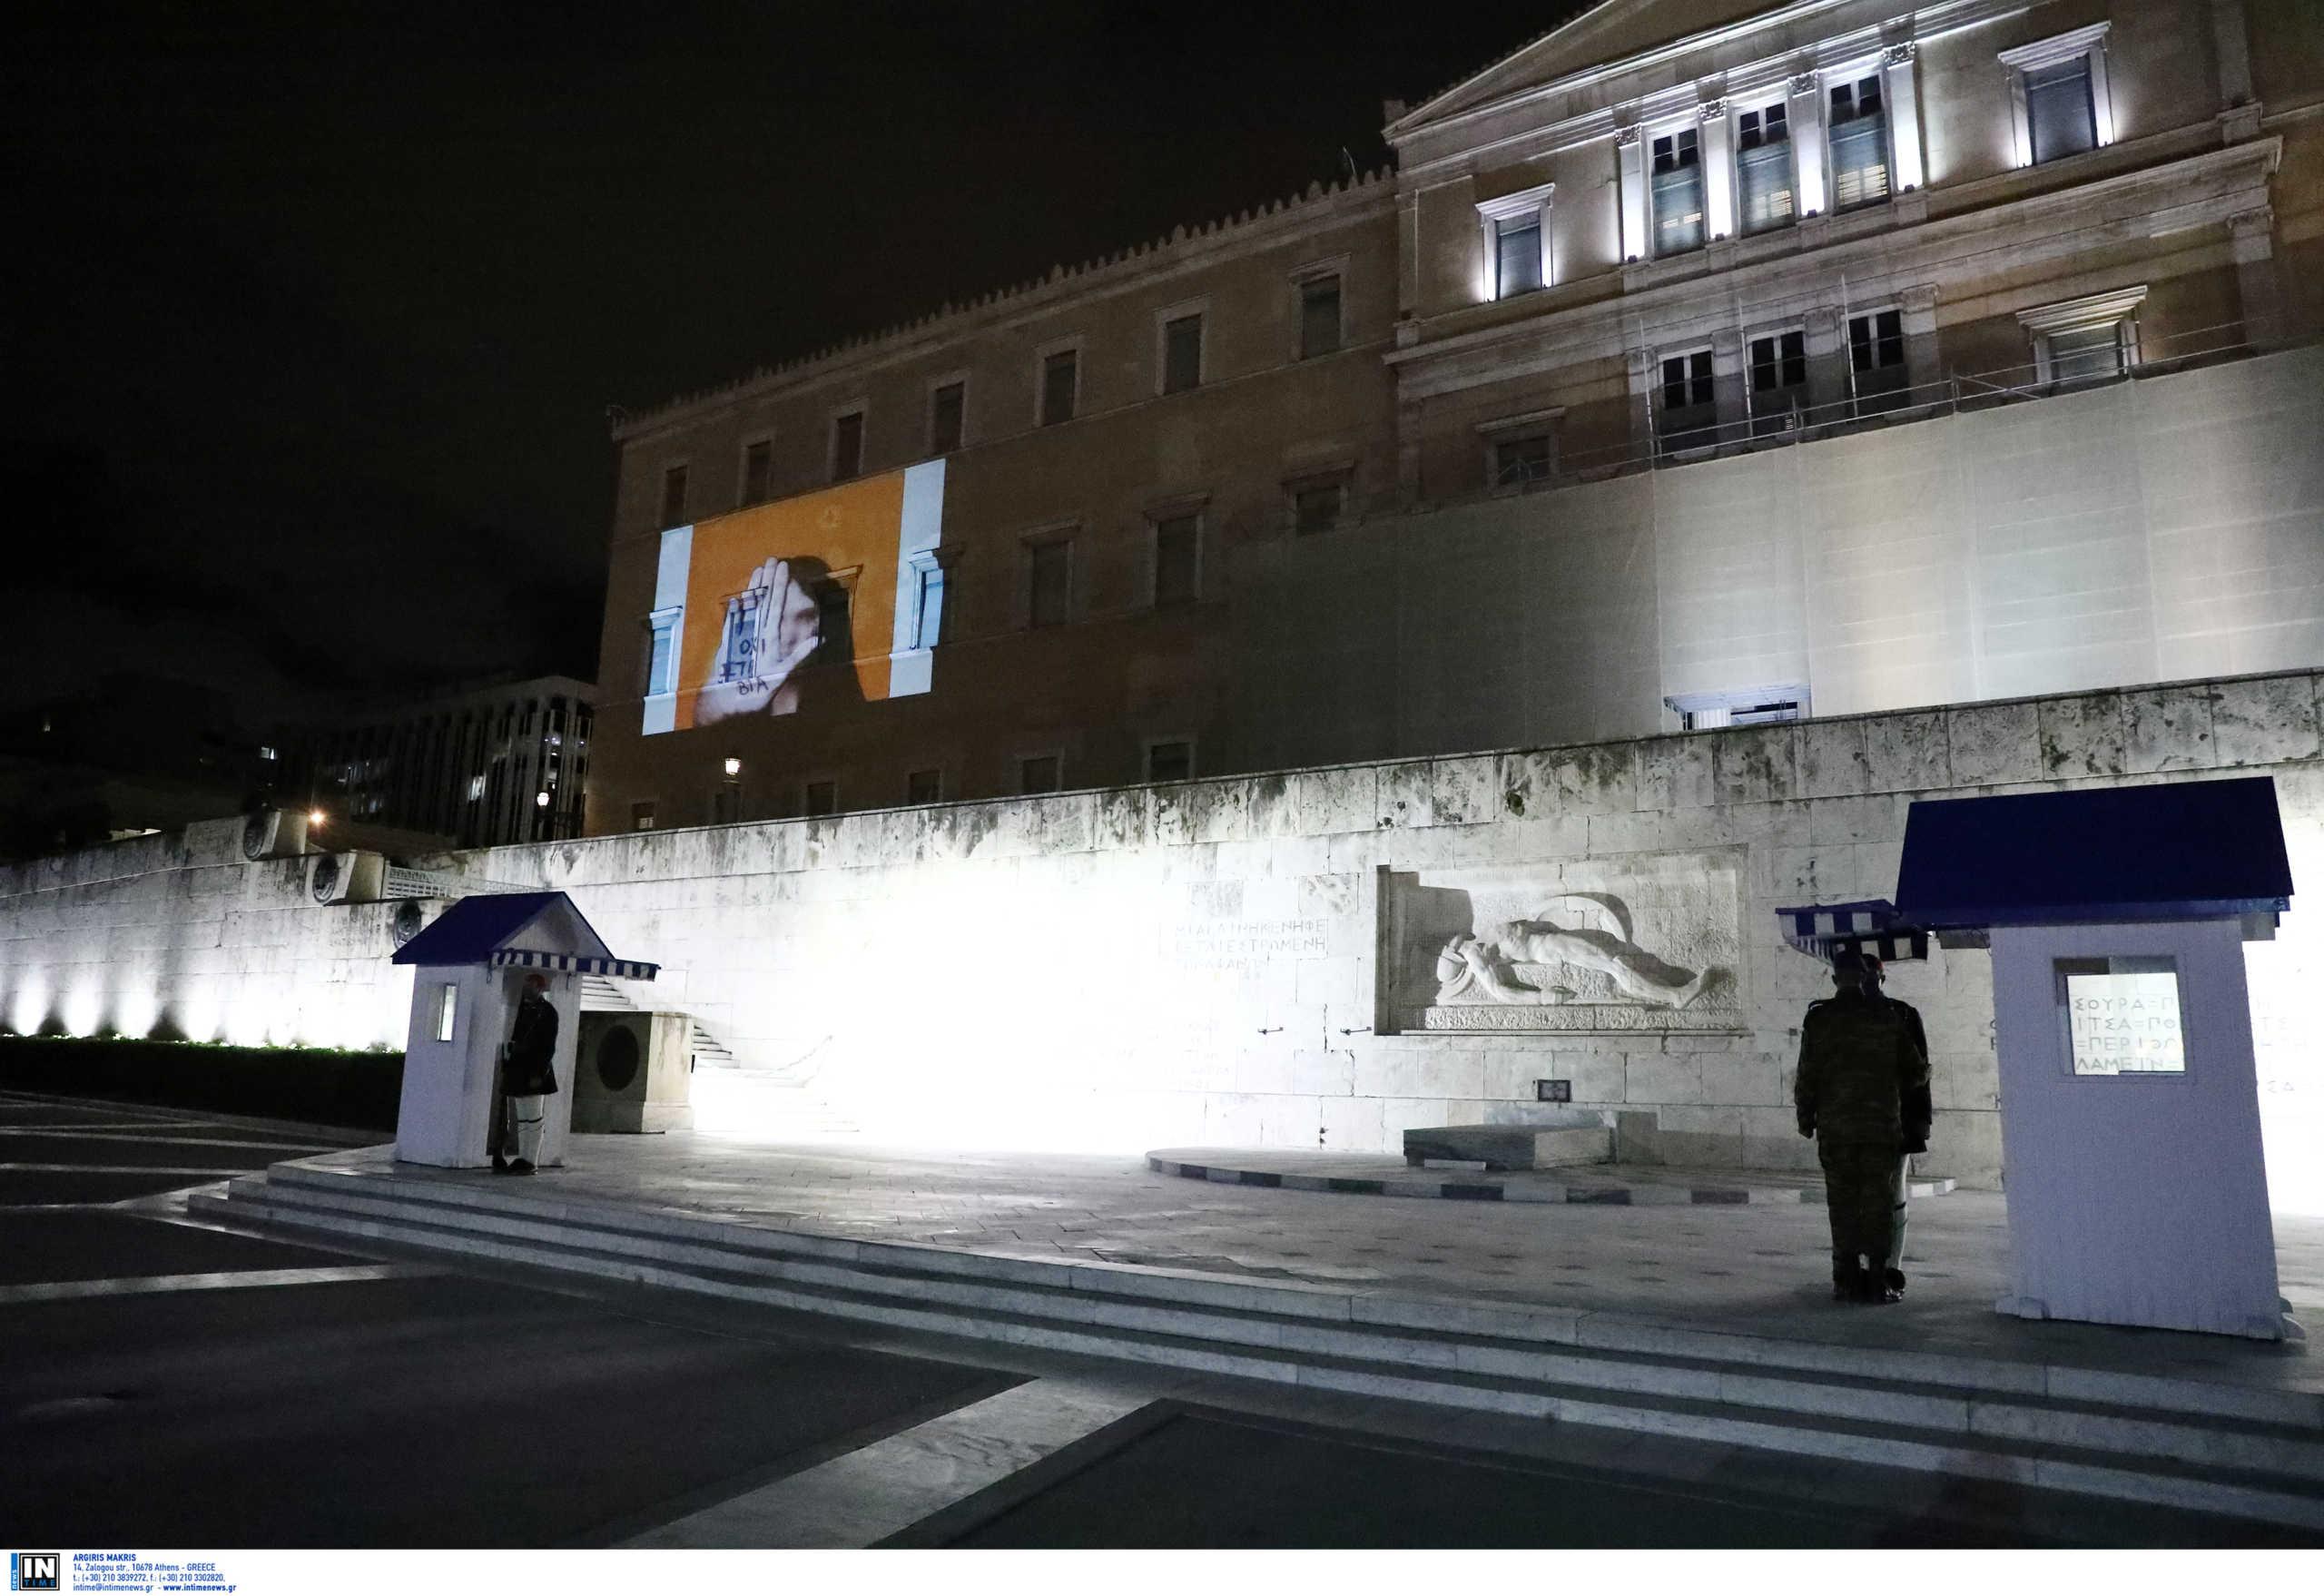 Έτσι φωταγωγήθηκε η Βουλή για την Παγκόσμια Ημέρα για την Εξάλειψη της Βίας κατά των Γυναικών (pics)